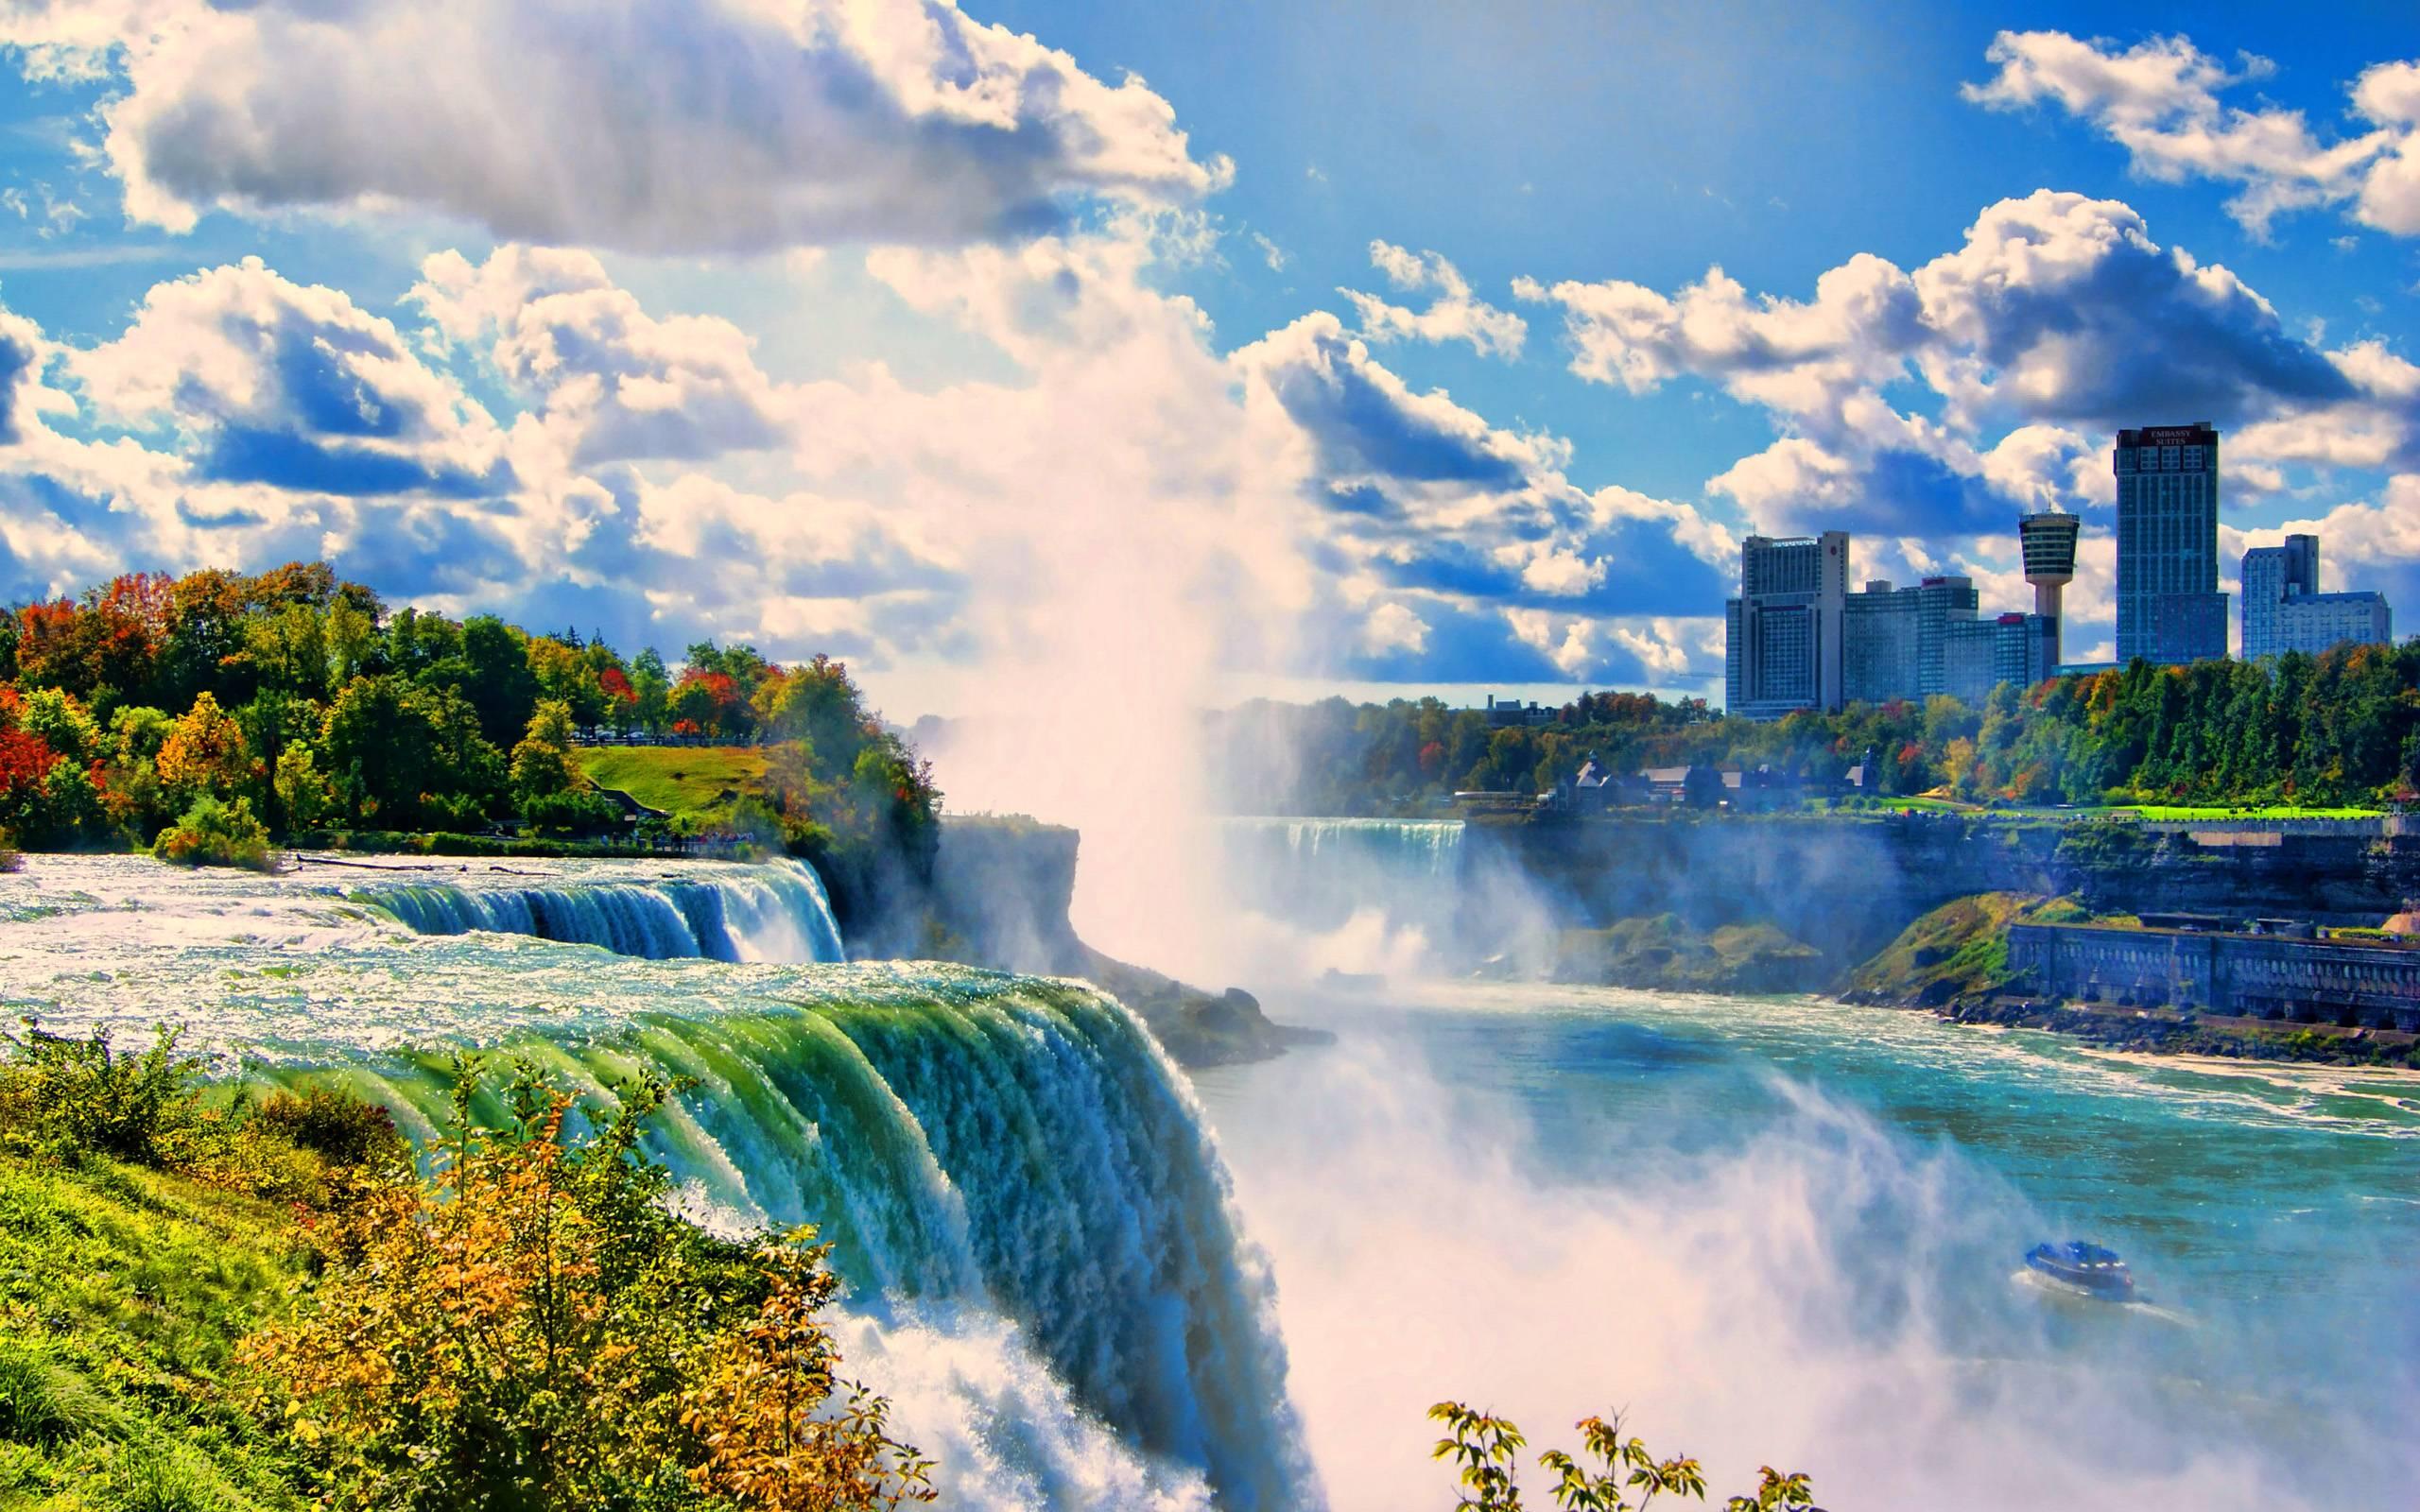 Niagara falls wallpapers wallpaper cave for 3d wallpaper canada